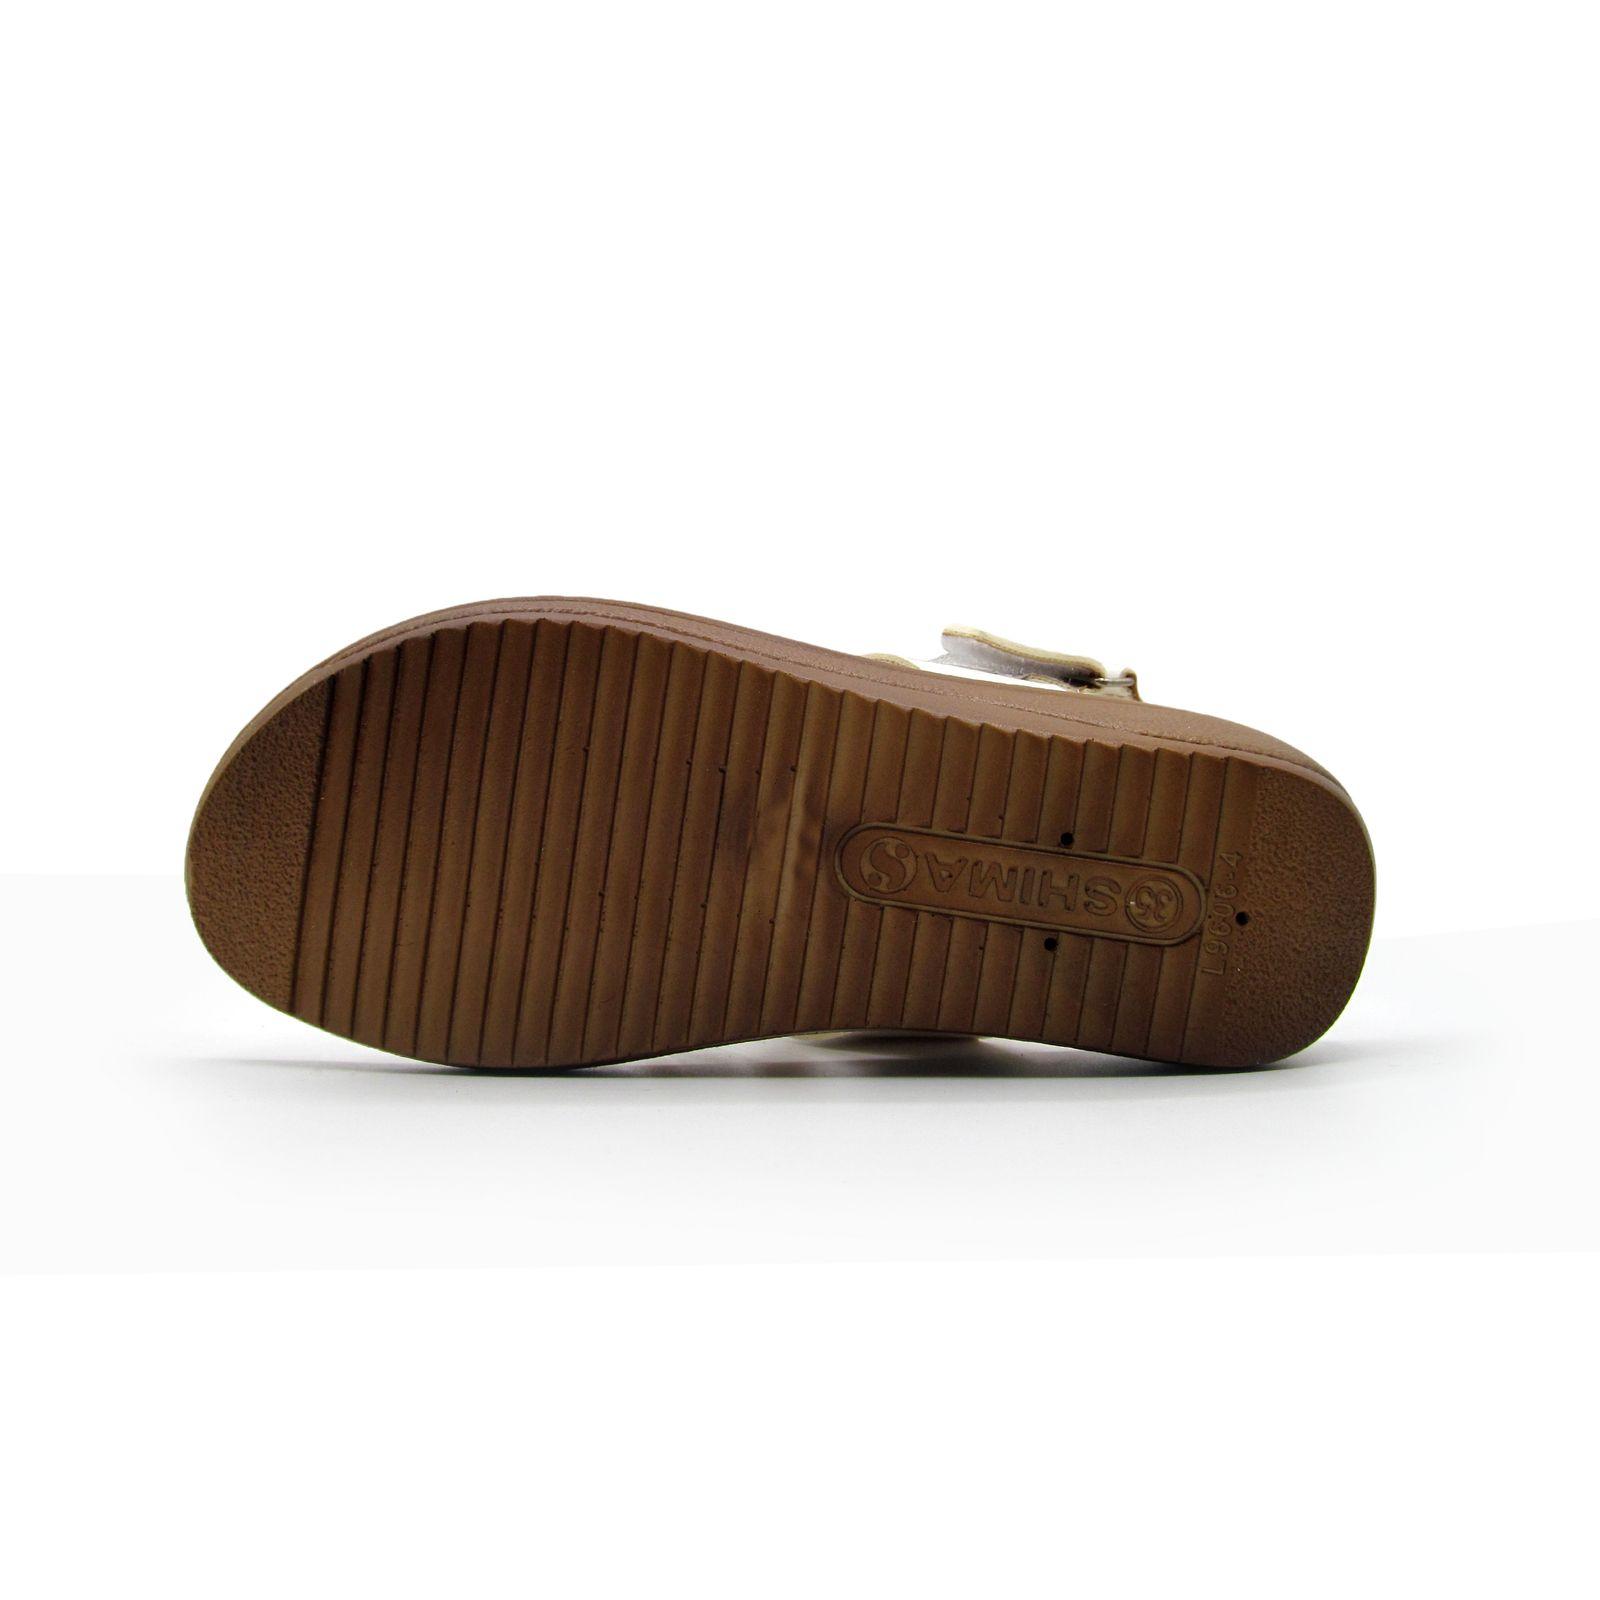 صندل دخترانه کفش شیما مدل خاطره کد 1801 -  - 8